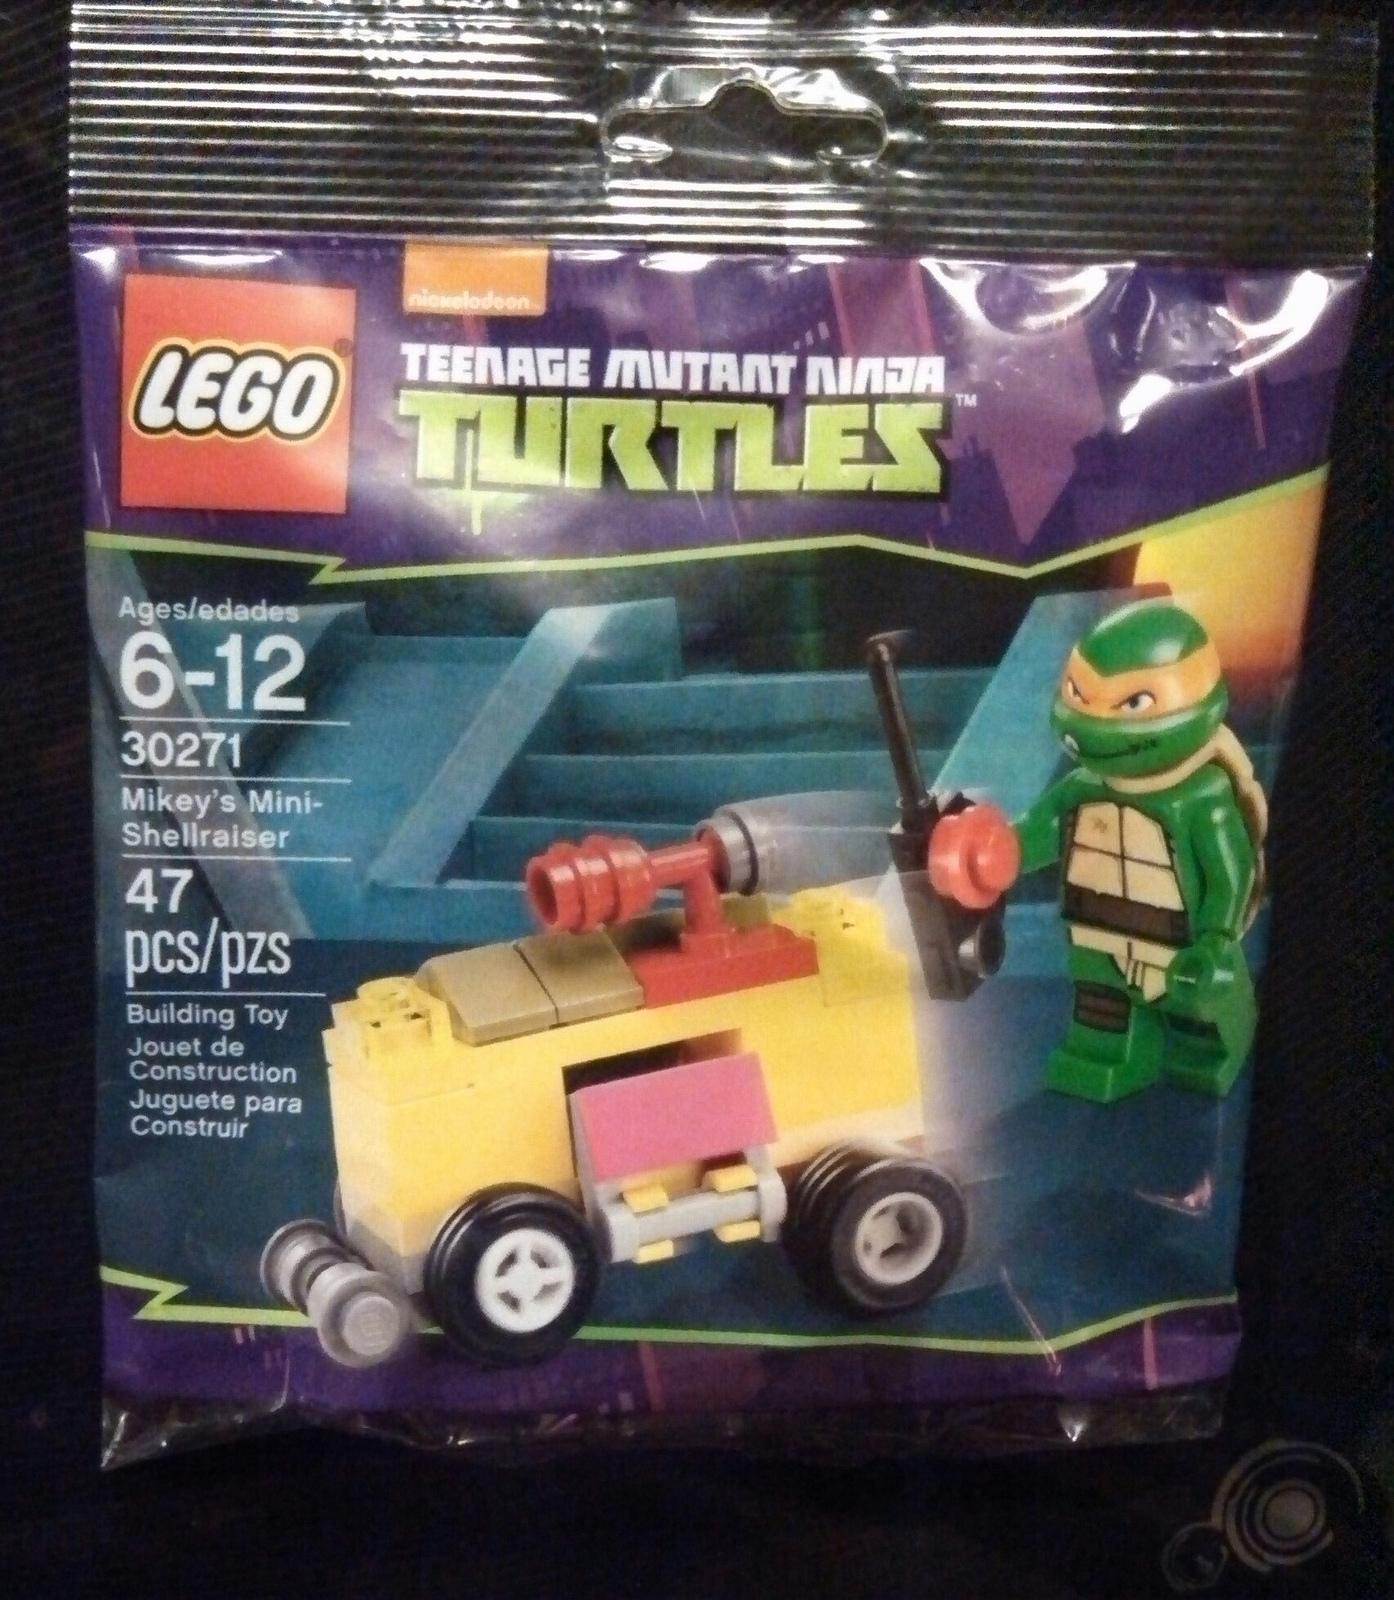 30271 Mikey's Mini-Shellraiser